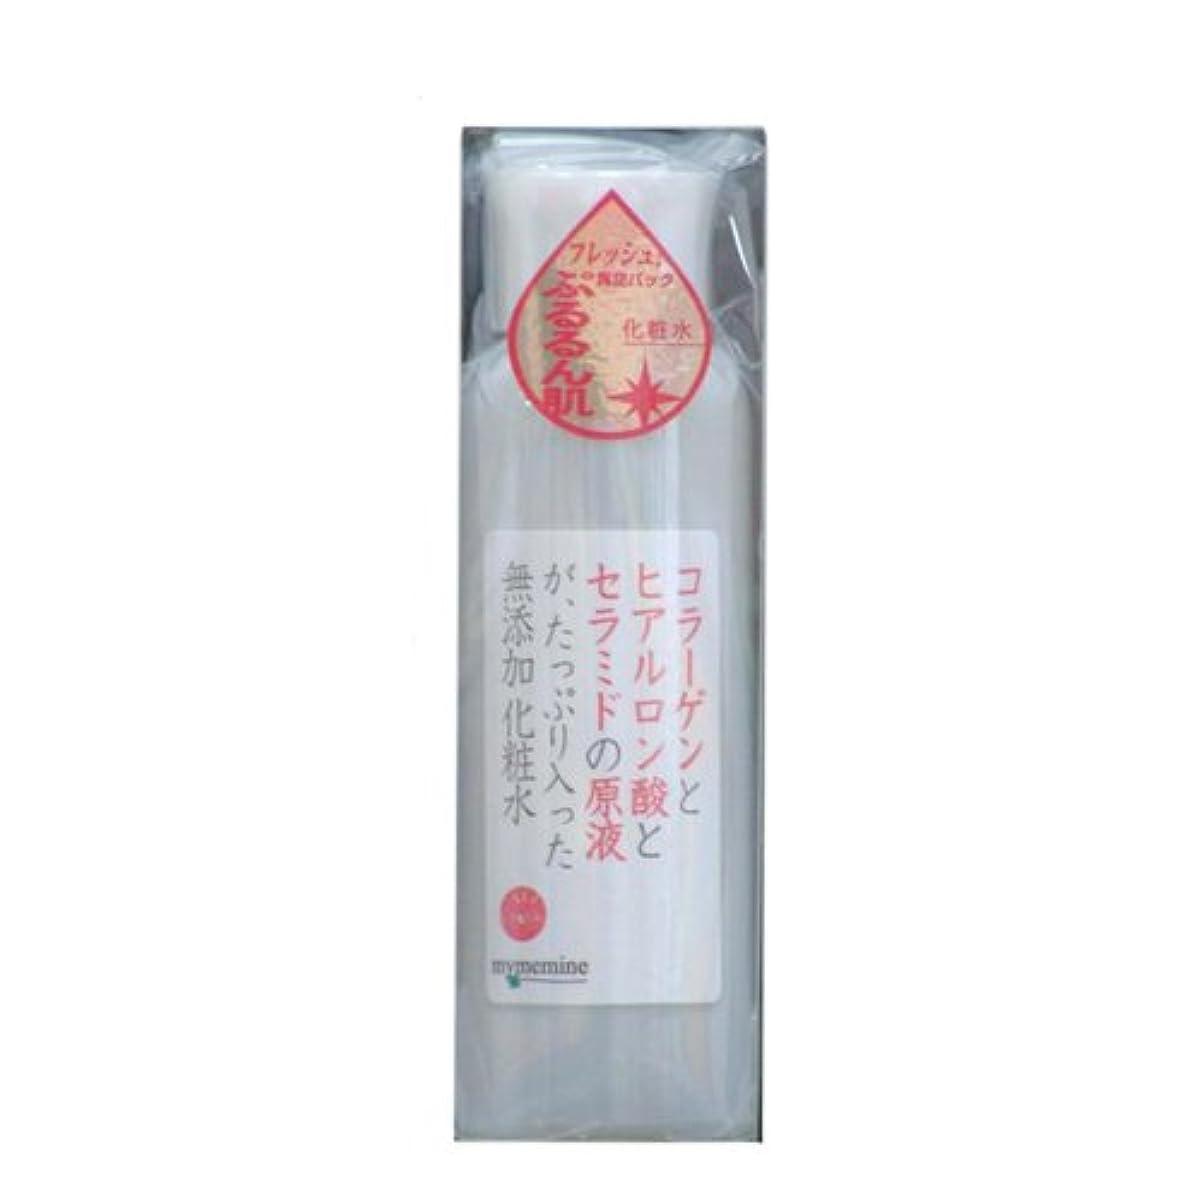 縫い目戦い型マイミーマイン コラーゲンとヒアルロン酸とセラミドの原液が、たっぷり入った無添加化粧水